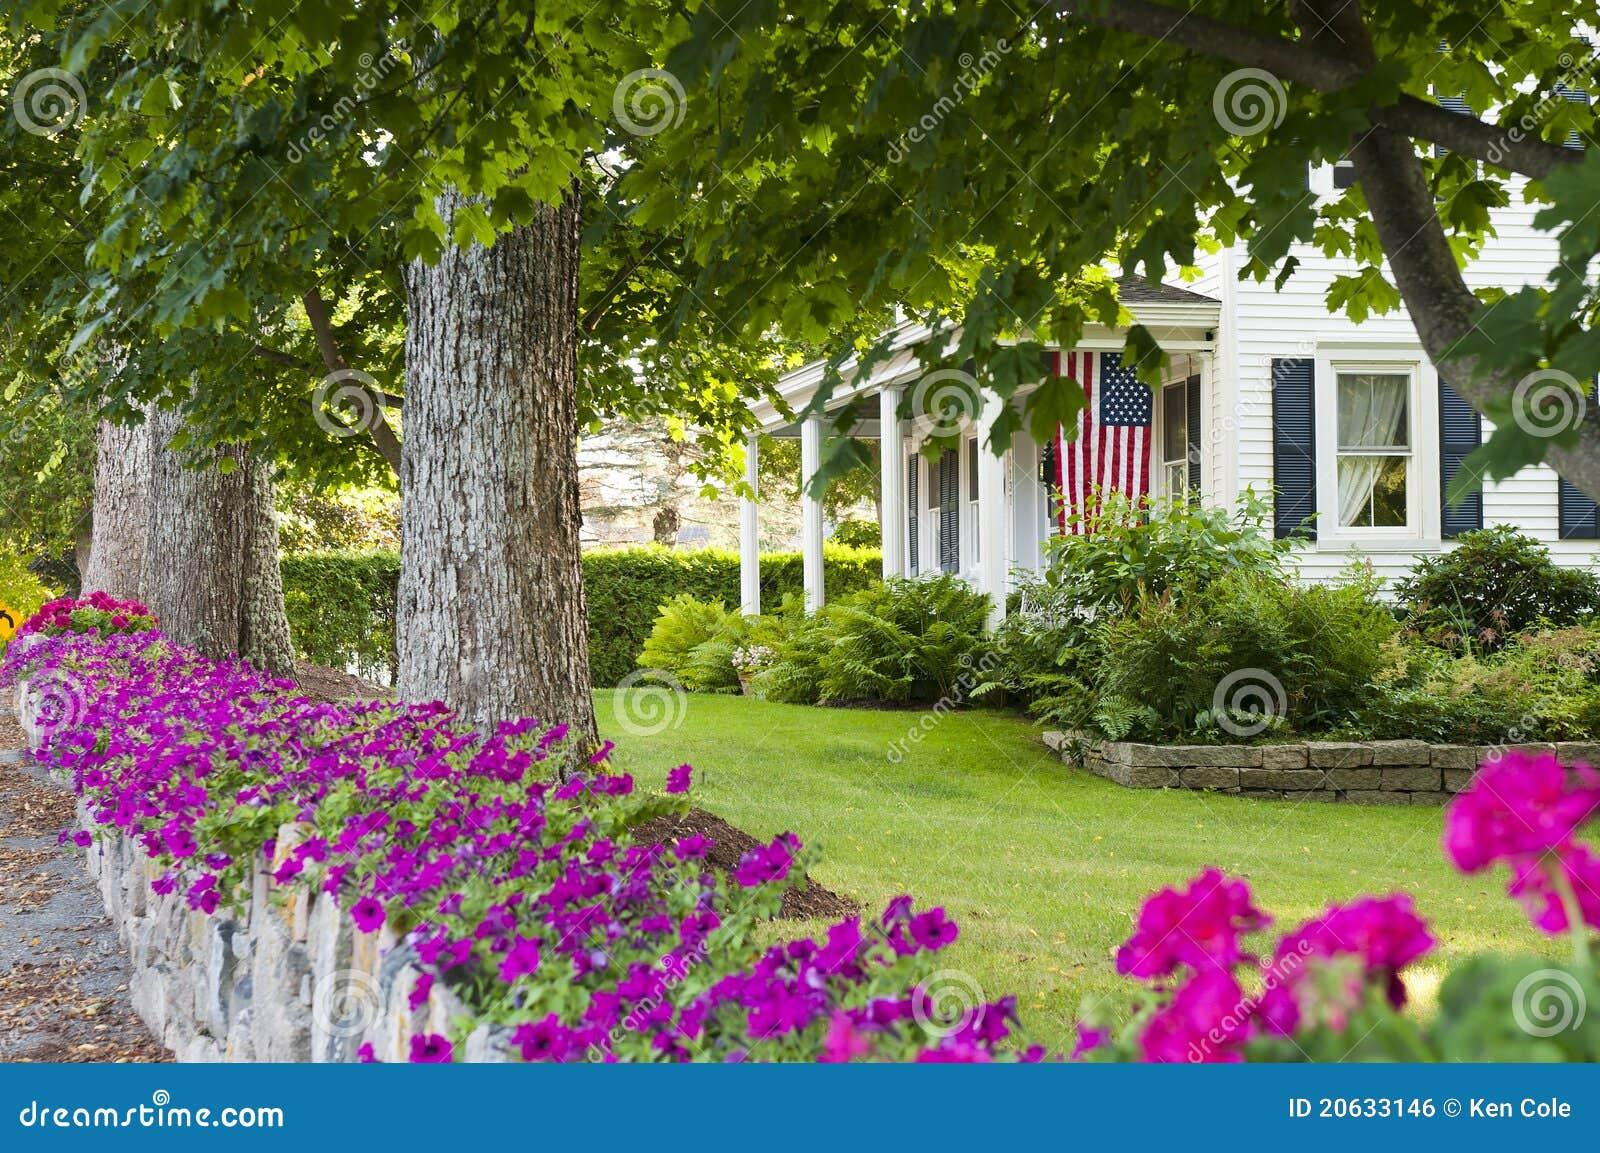 Jardin de roche de maison de campagne image libre de droits image 20633146 - Jardin maison de campagne ...